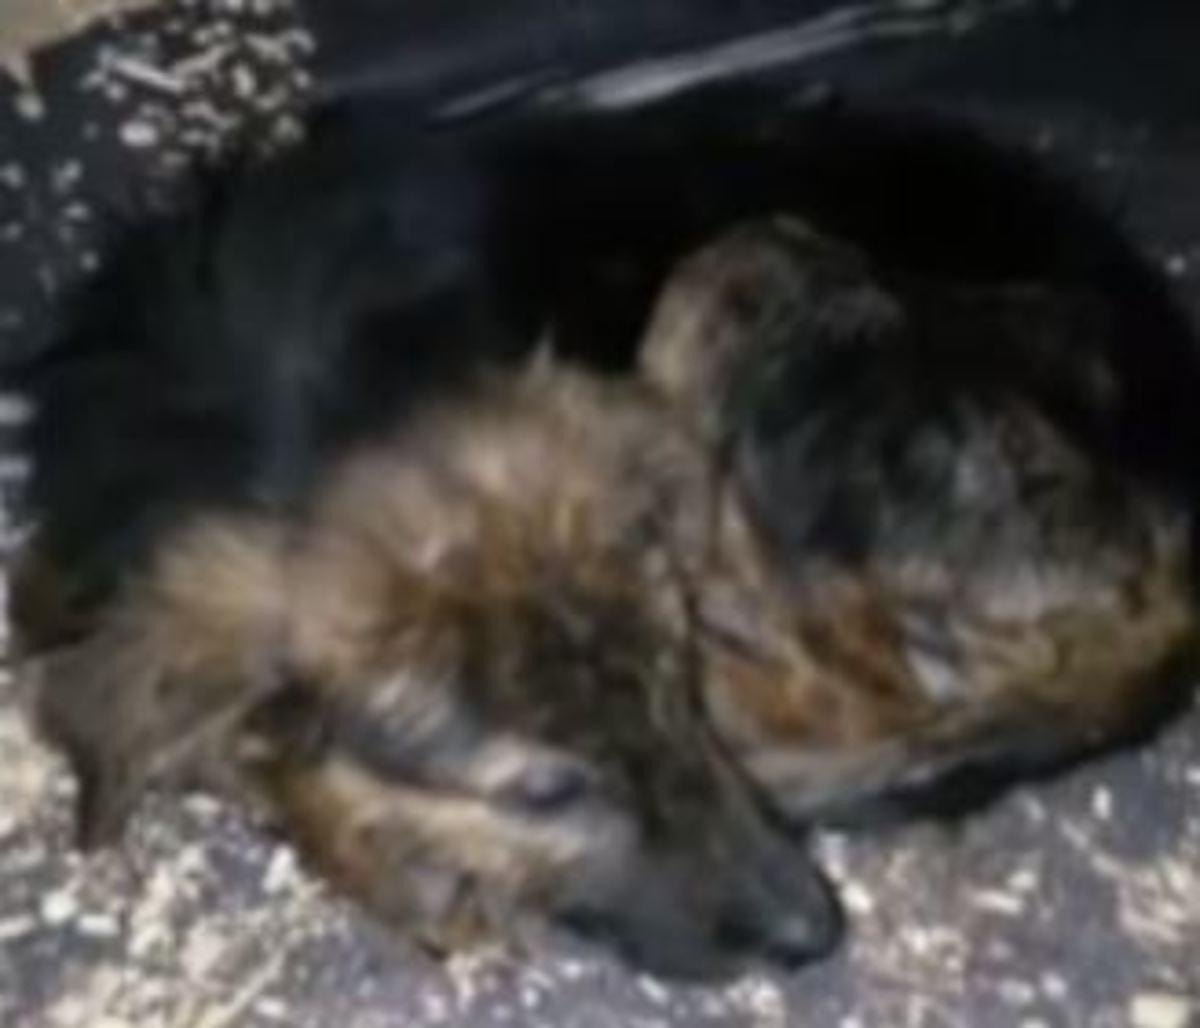 puppy-to-die-1